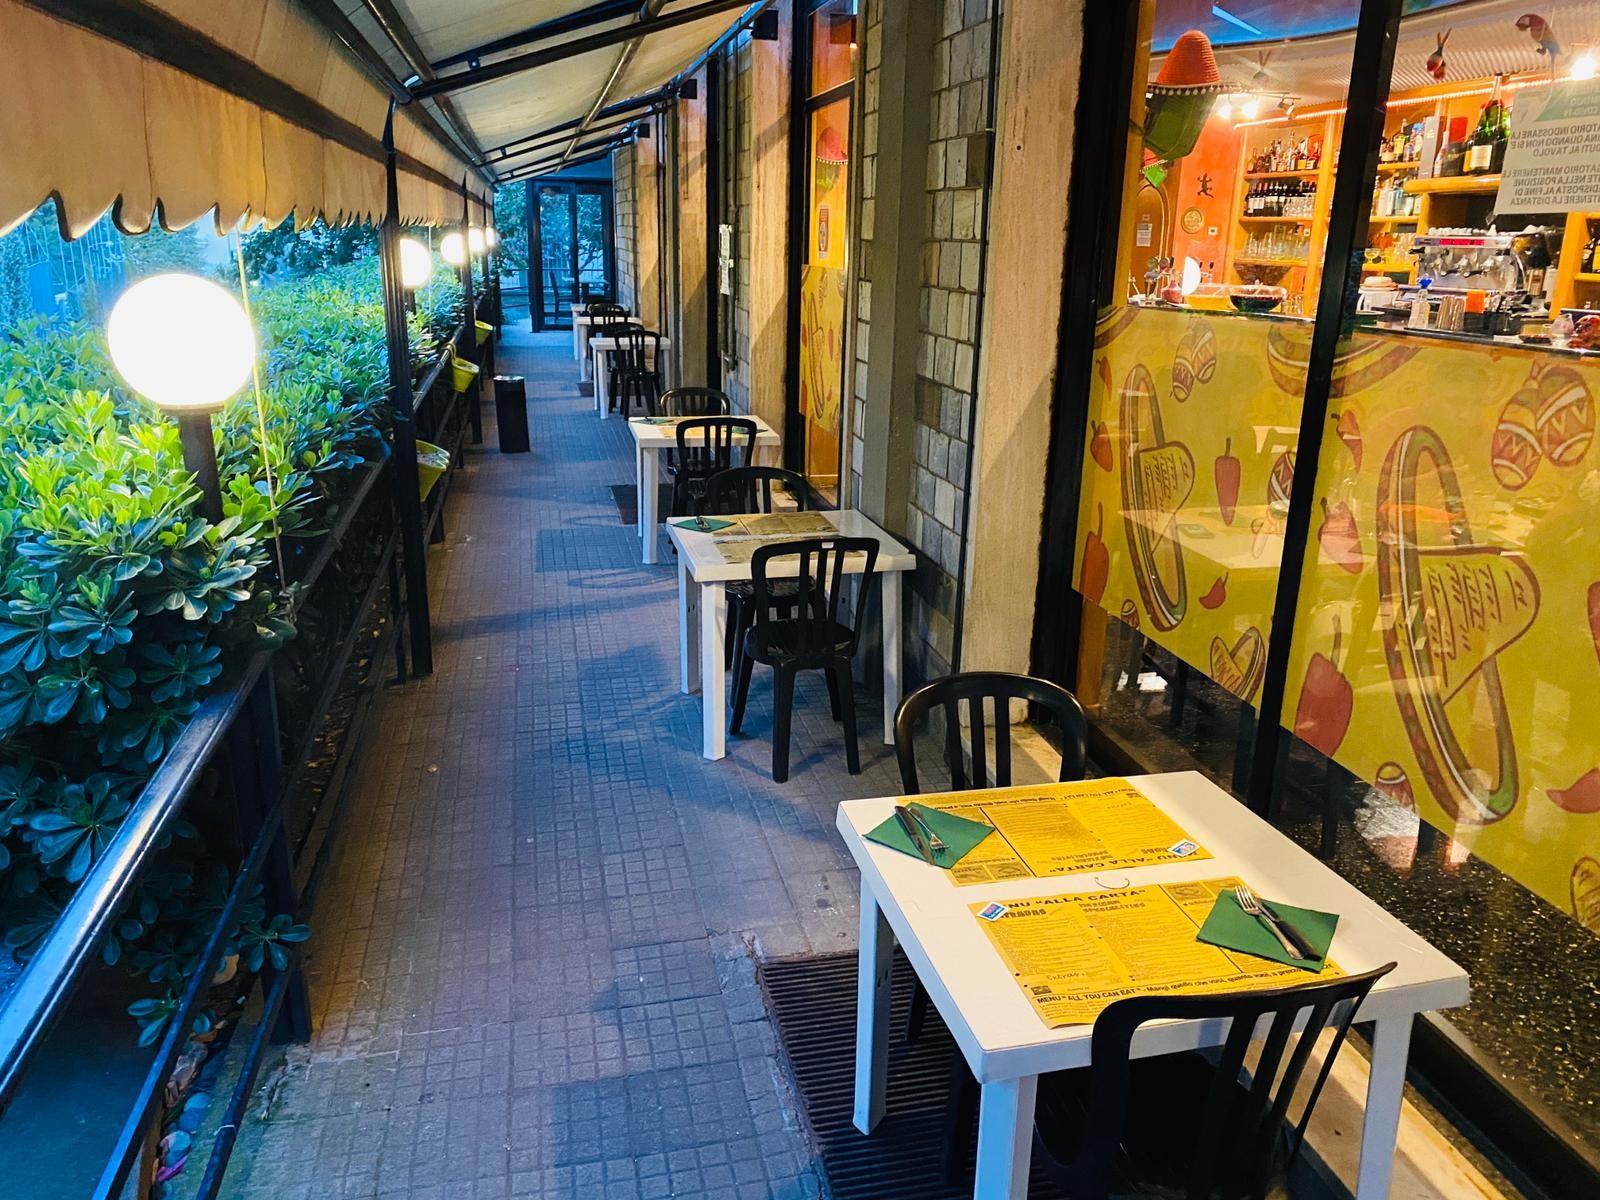 Speciale menu: Entrada a sorpresa +Paella Valenciana  x 2 persone + 1/2 litro di sangria, 2 dolci a scelta, caffè e coperti inclusi... nell'incantevole locale Habanero nel cuore di Albaro!